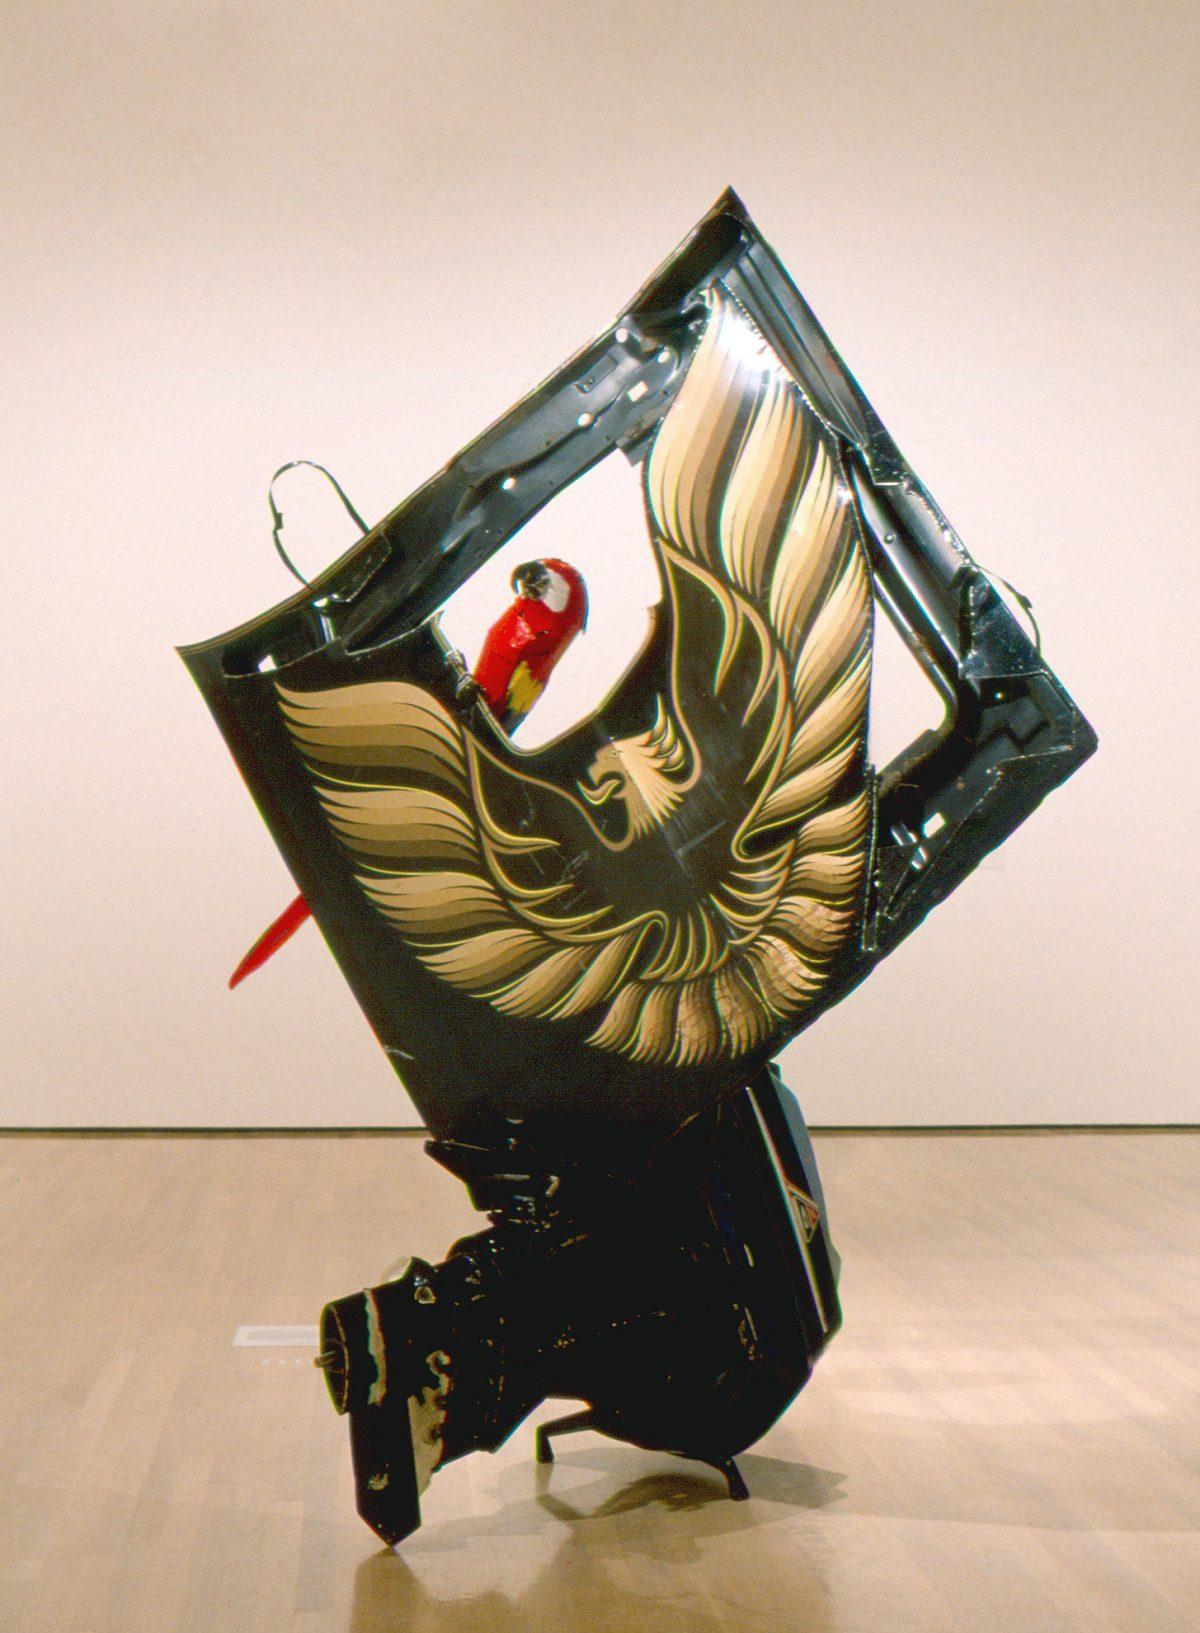 Parrot Fashion, 1984, Bill Woodrow, Capot de voiture et moteur hors-bord peints.